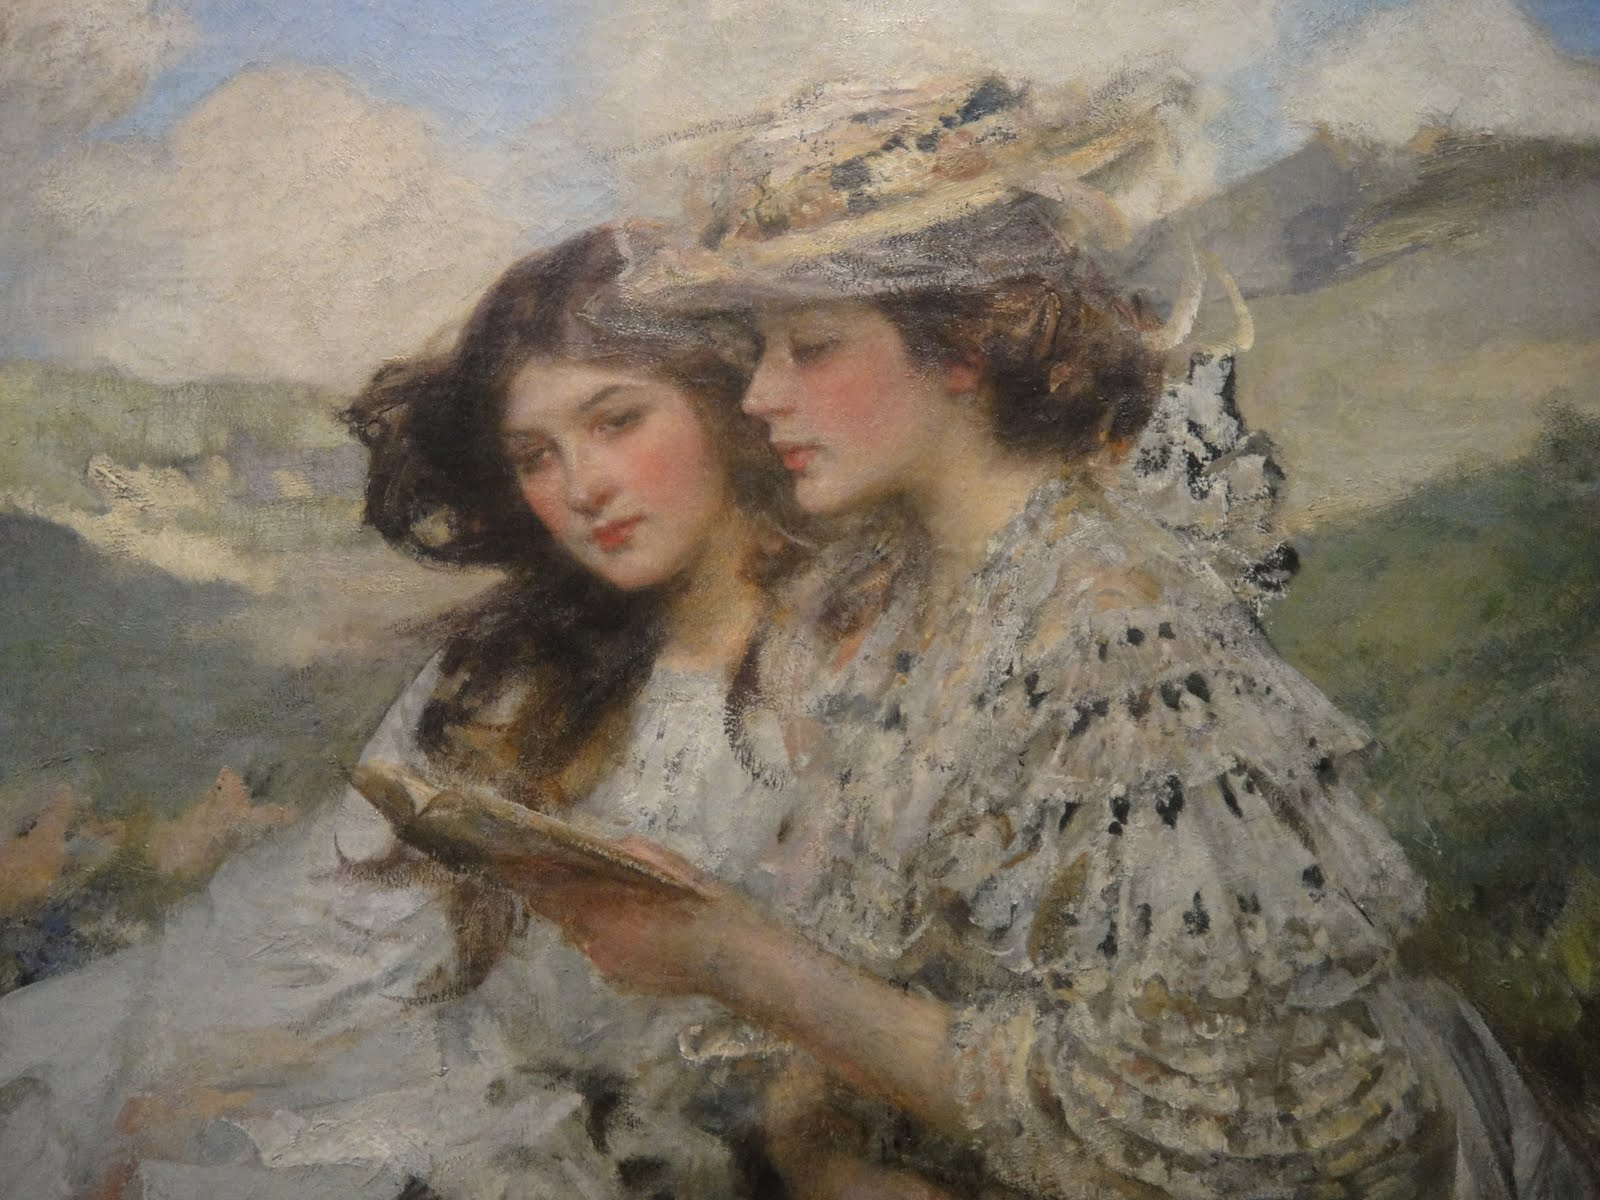 Lezen in de kunst florence en kitty - Associatie van kleur e geen schilderij ...